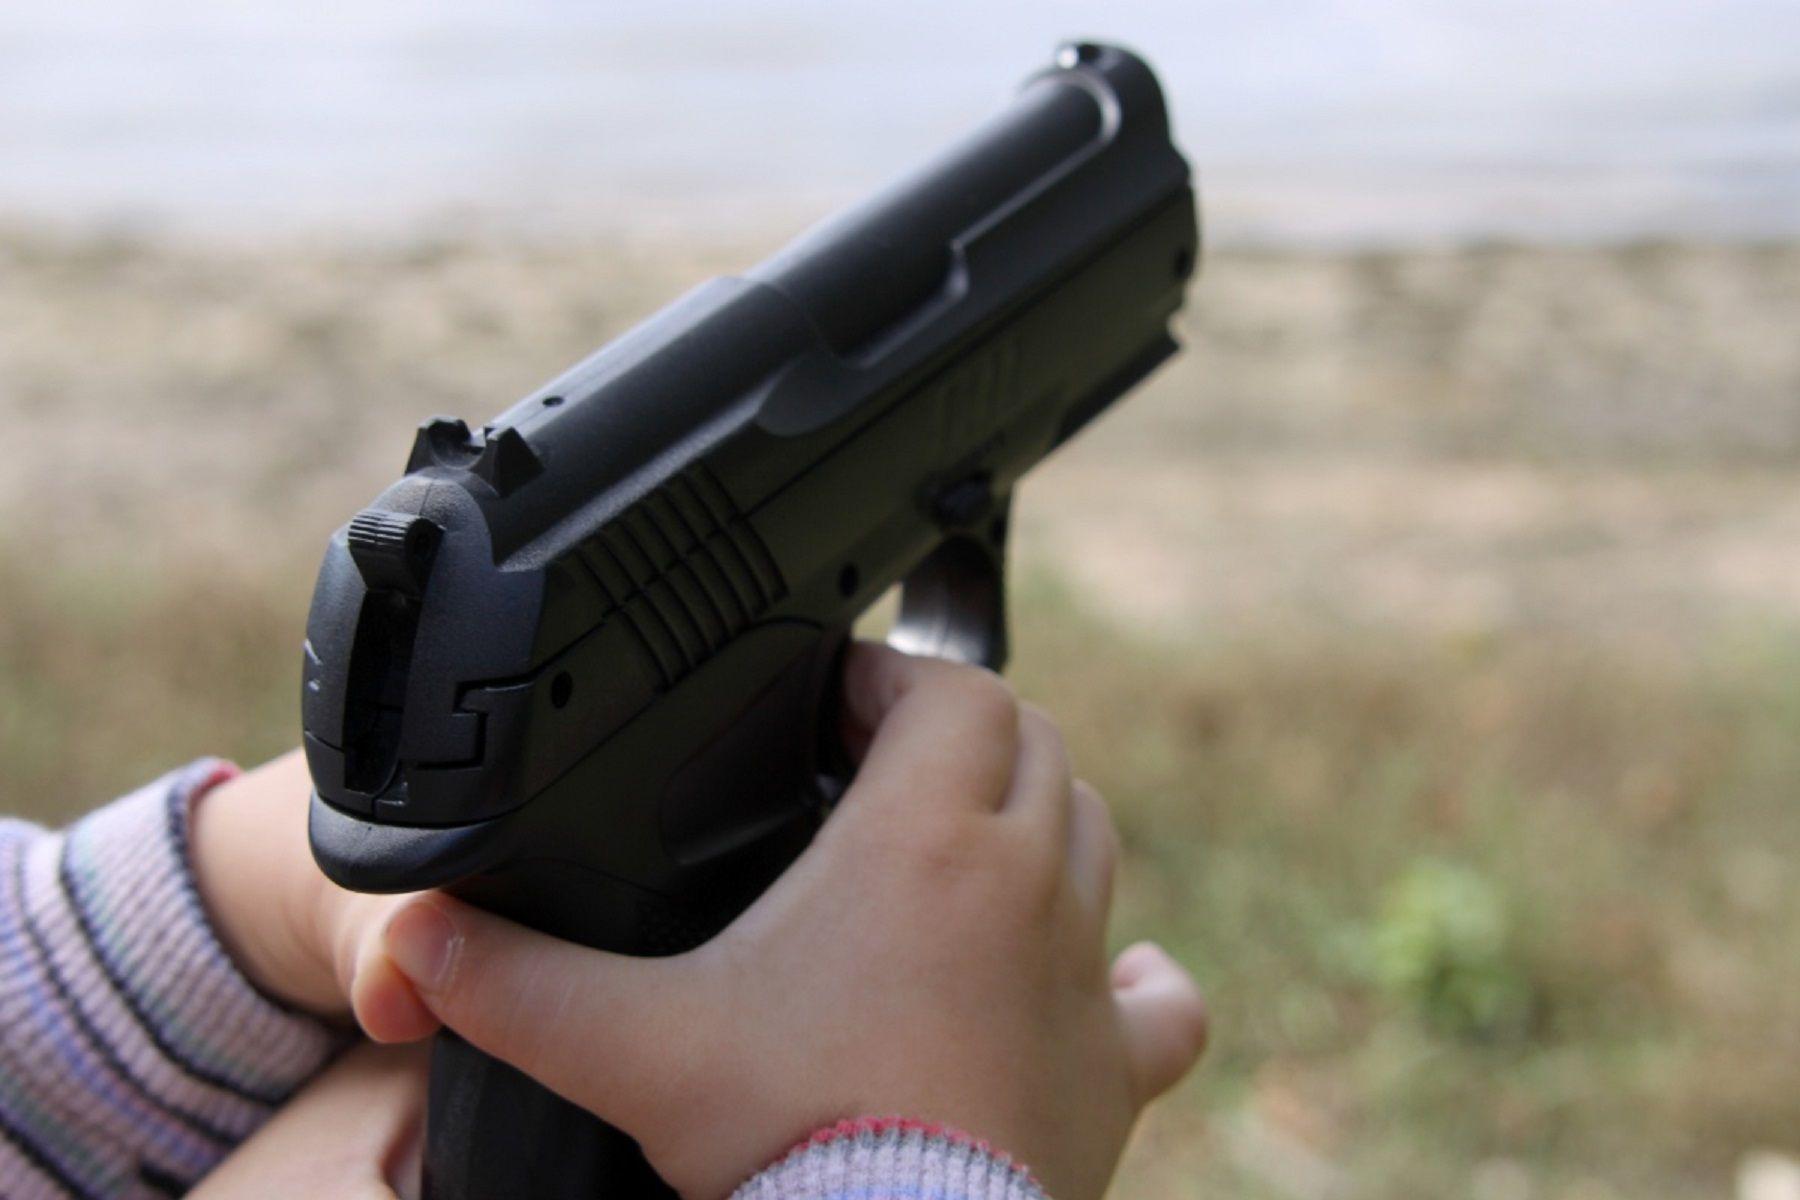 Nene se disparó en la cabeza. Imagen de archivo